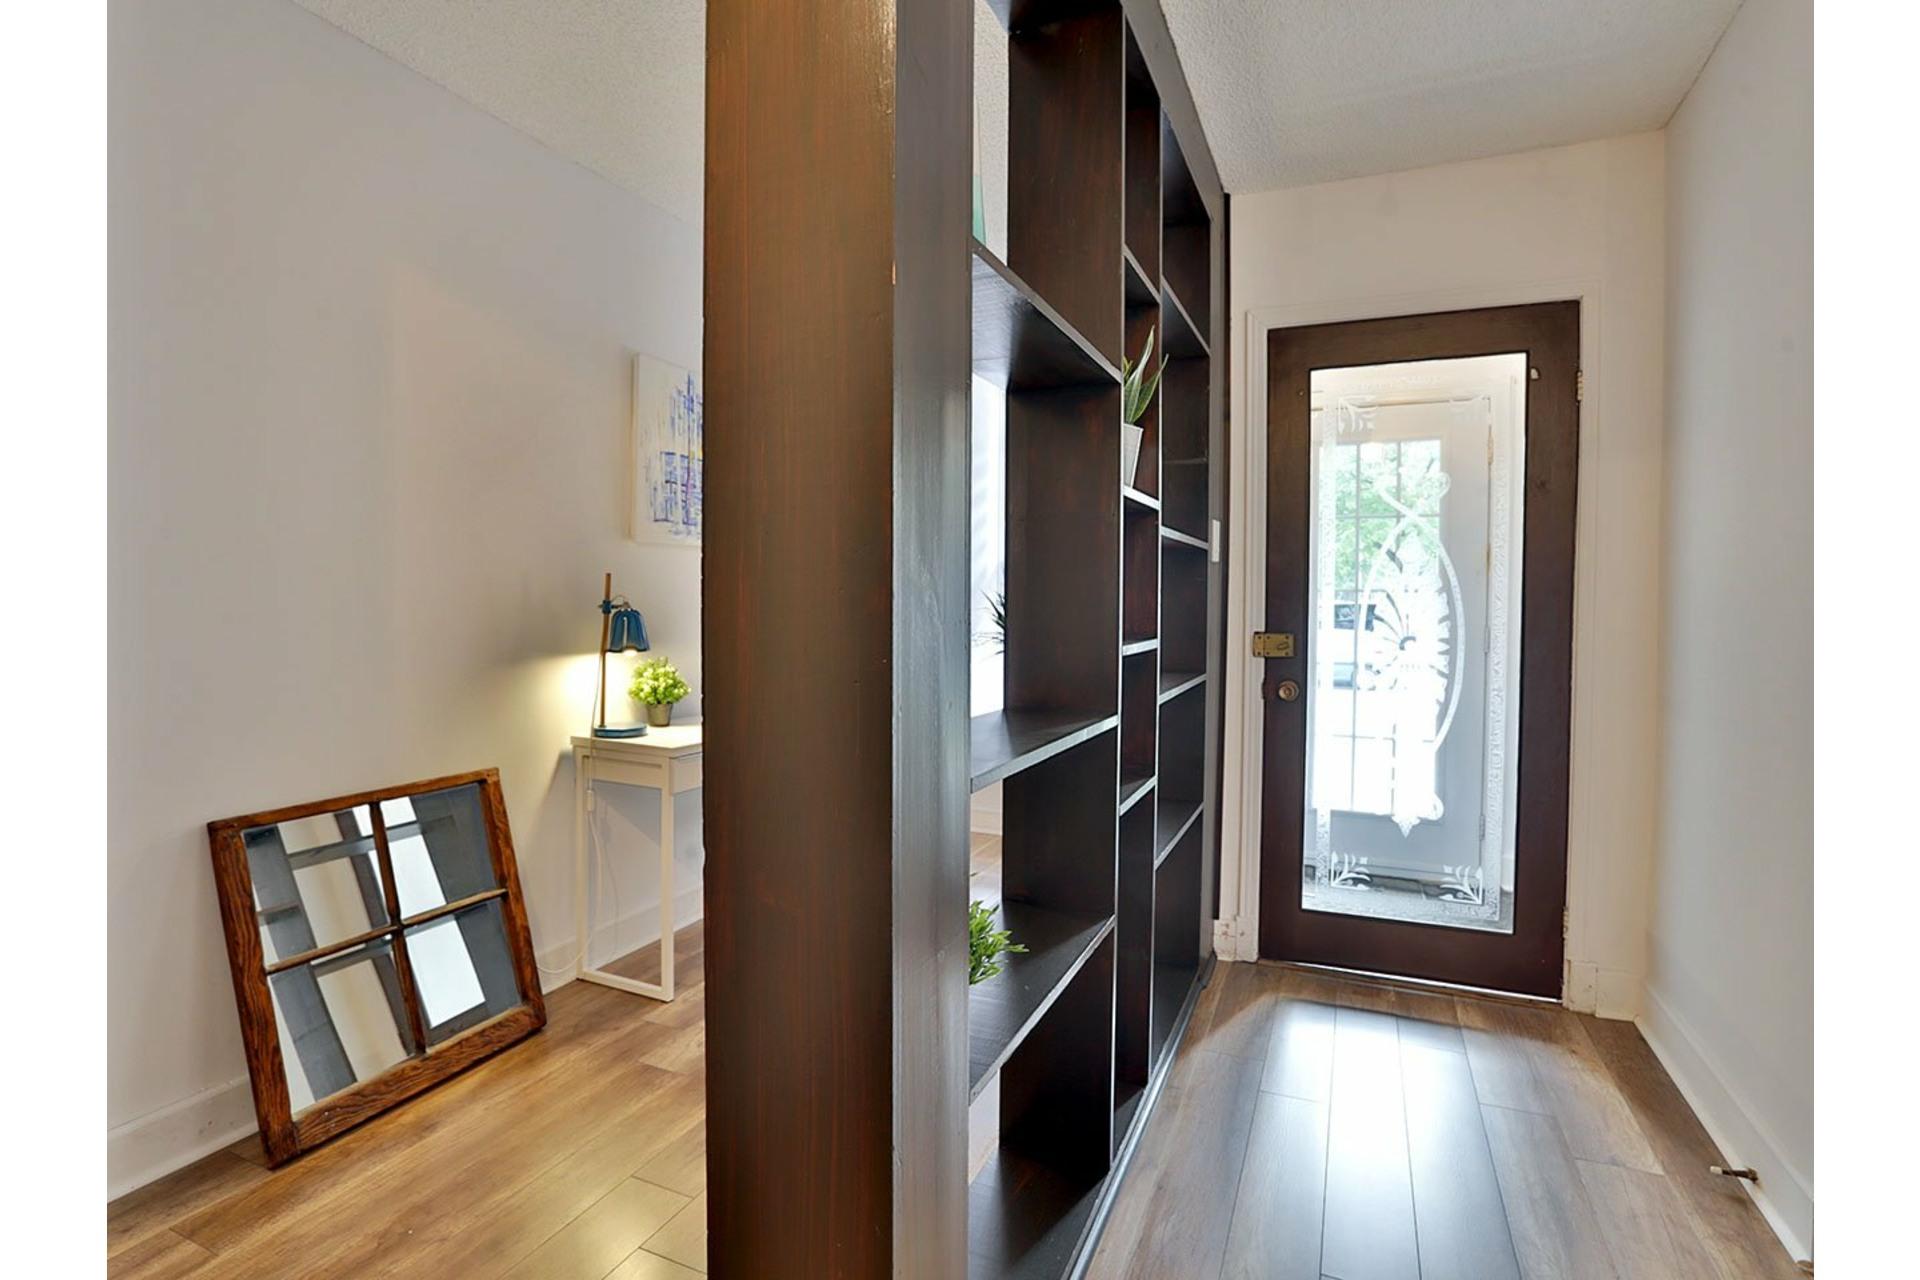 image 2 - Appartement À vendre Le Plateau-Mont-Royal Montréal  - 7 pièces